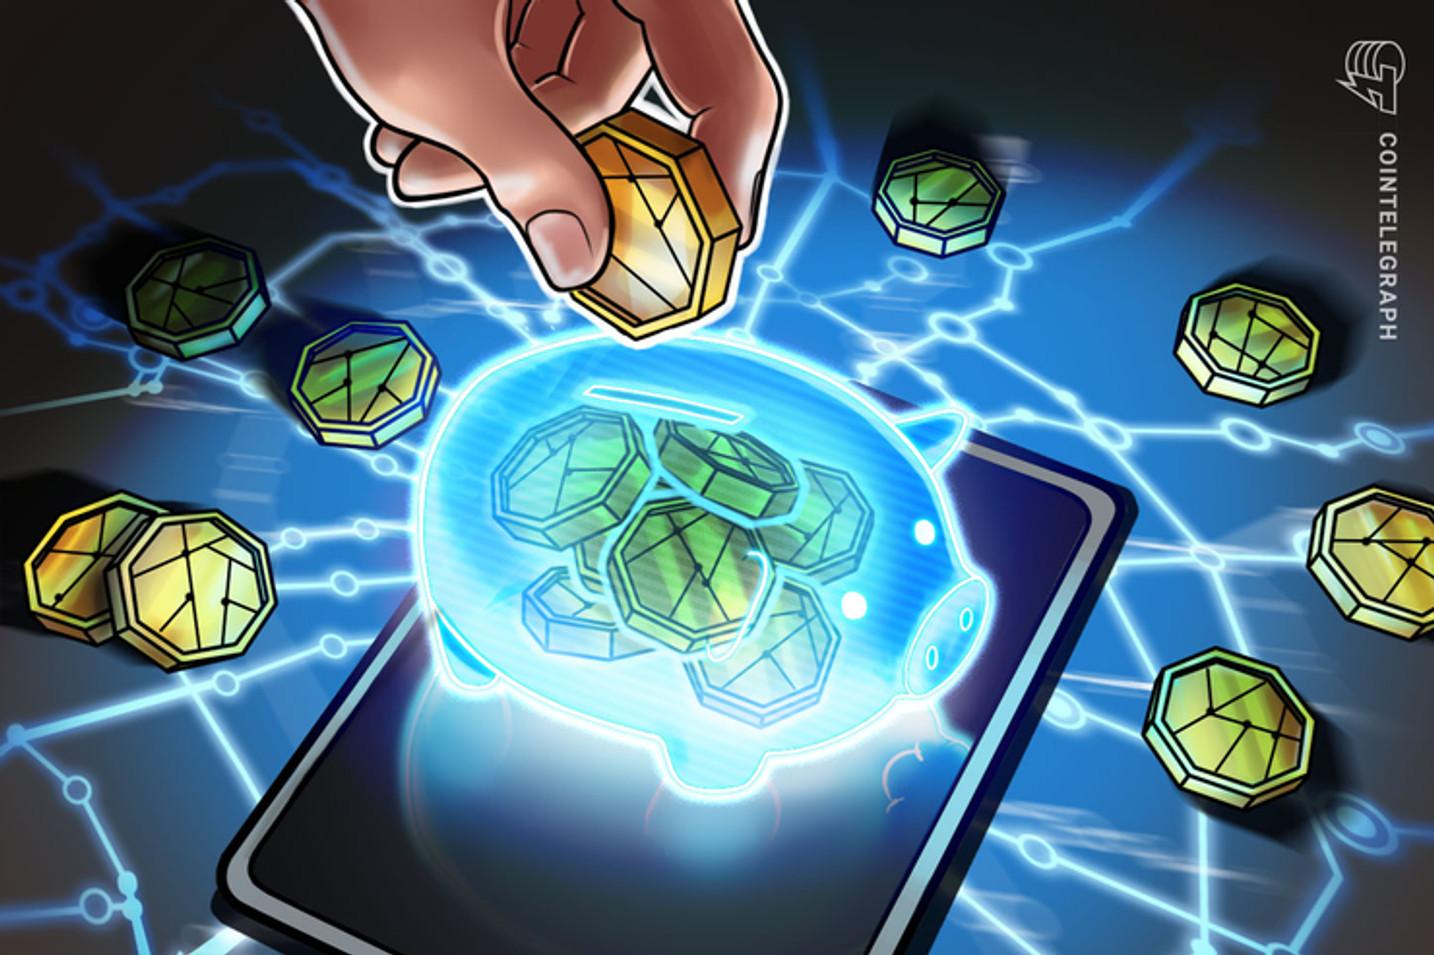 'O uso do dinheiro físico e dos cartões vai acabar e as carteiras virtuais vão dominar' diz grande executivo brasileiro